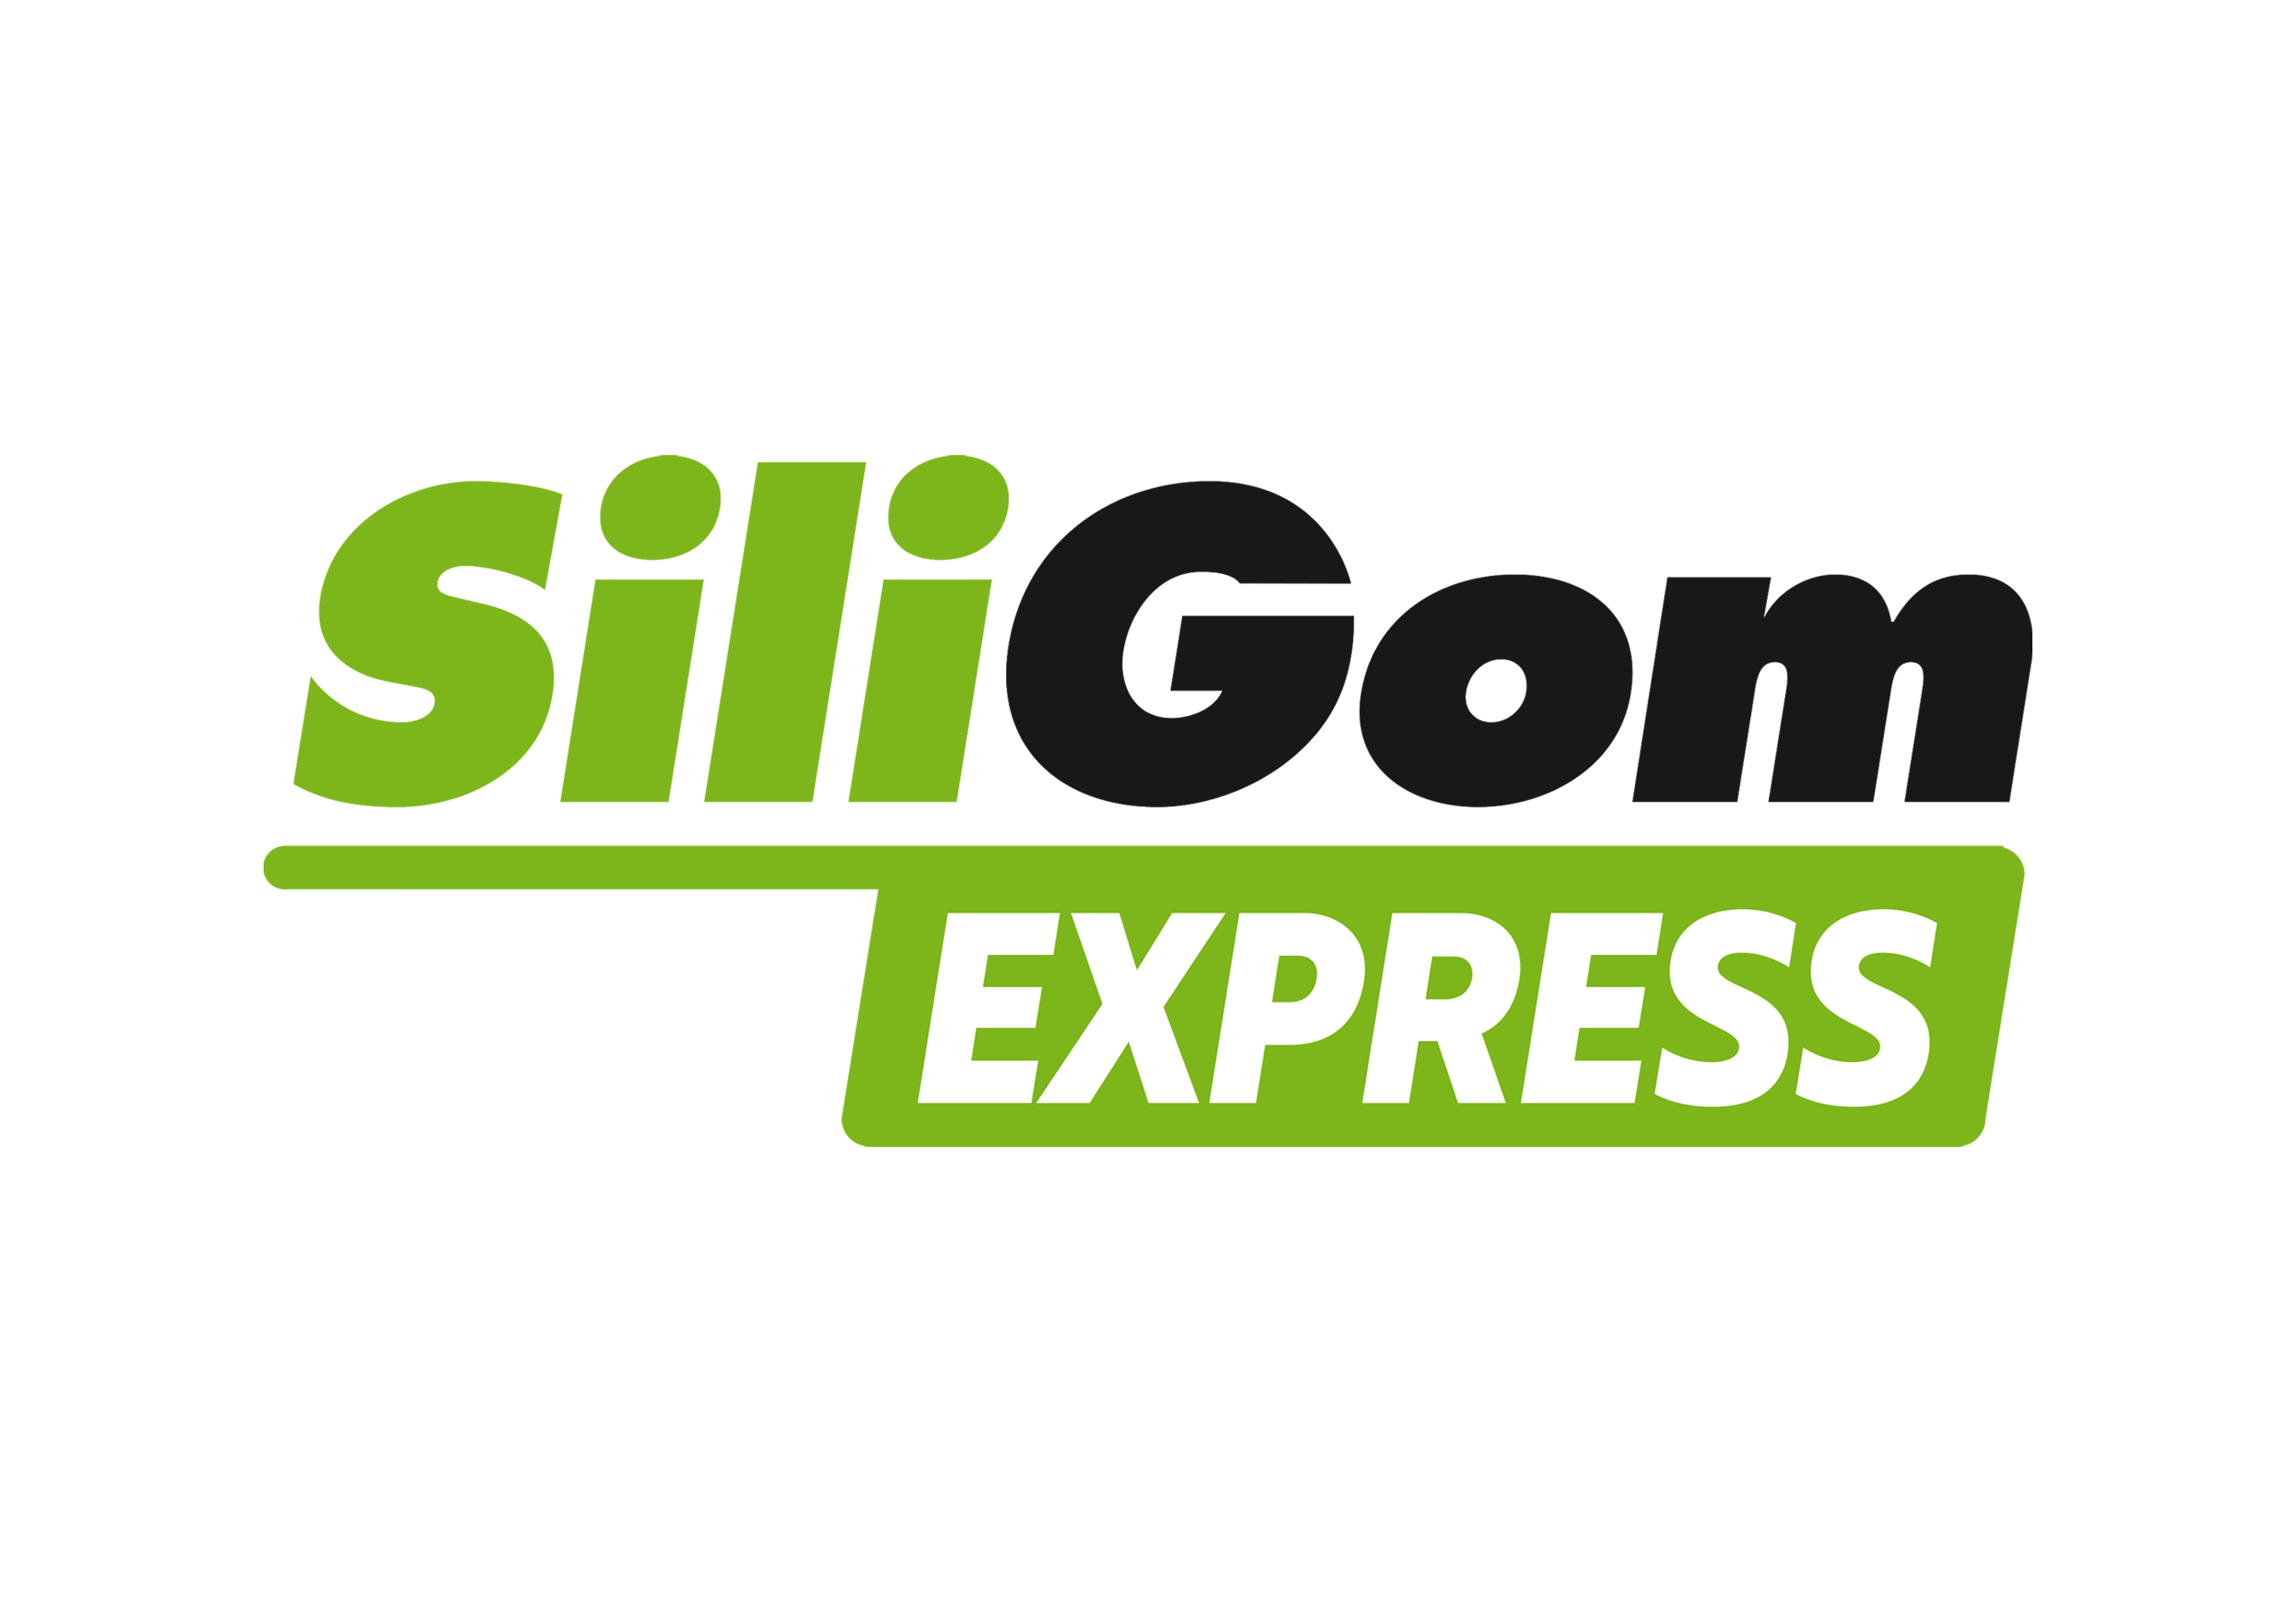 SILIGOM EXPRESS - ALVES MECA BIGORRE